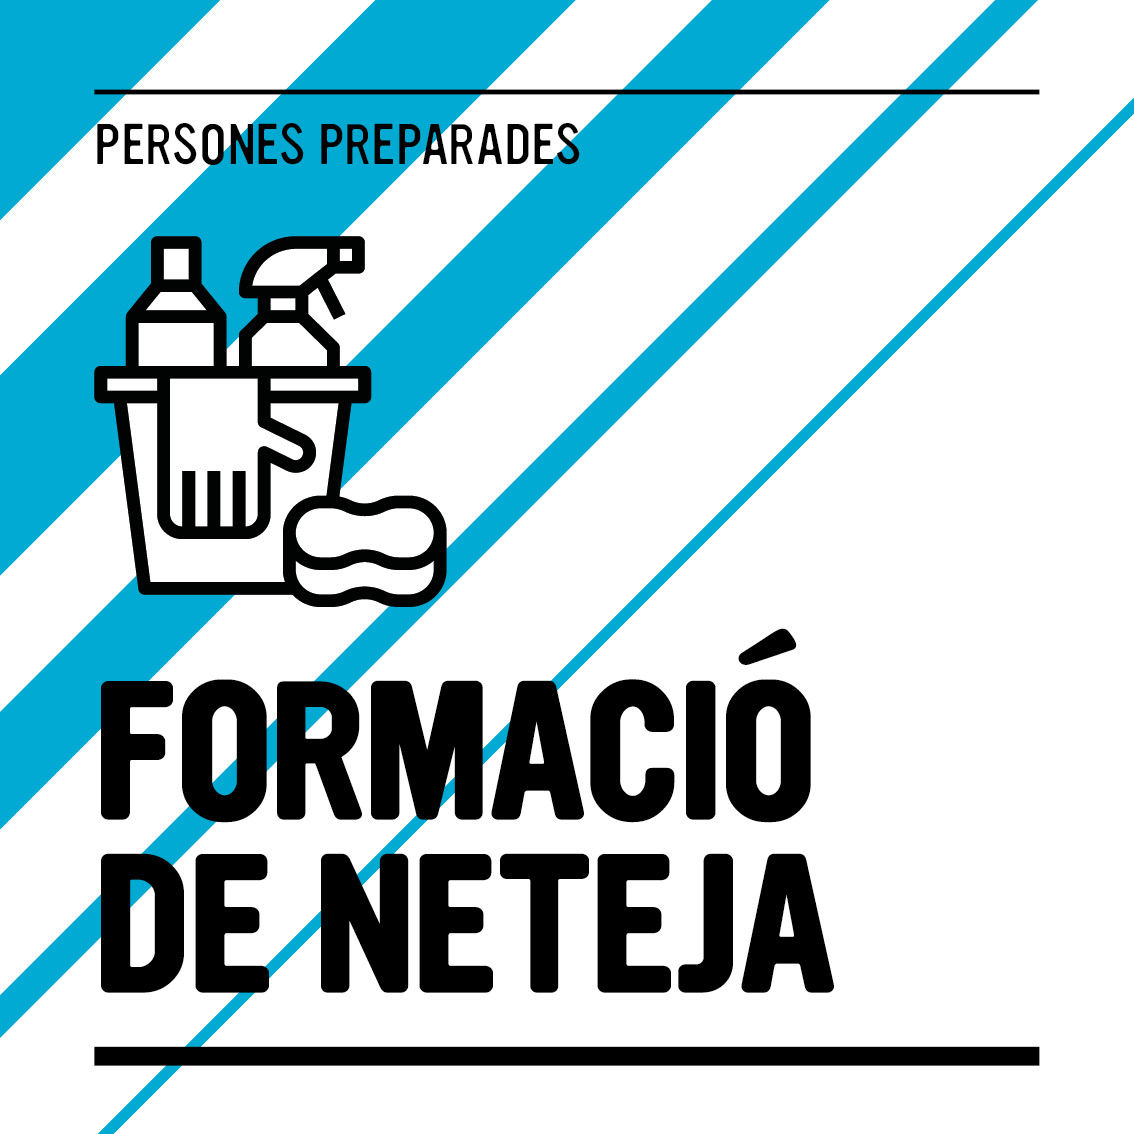 FormacioNeteja2021-quadrat